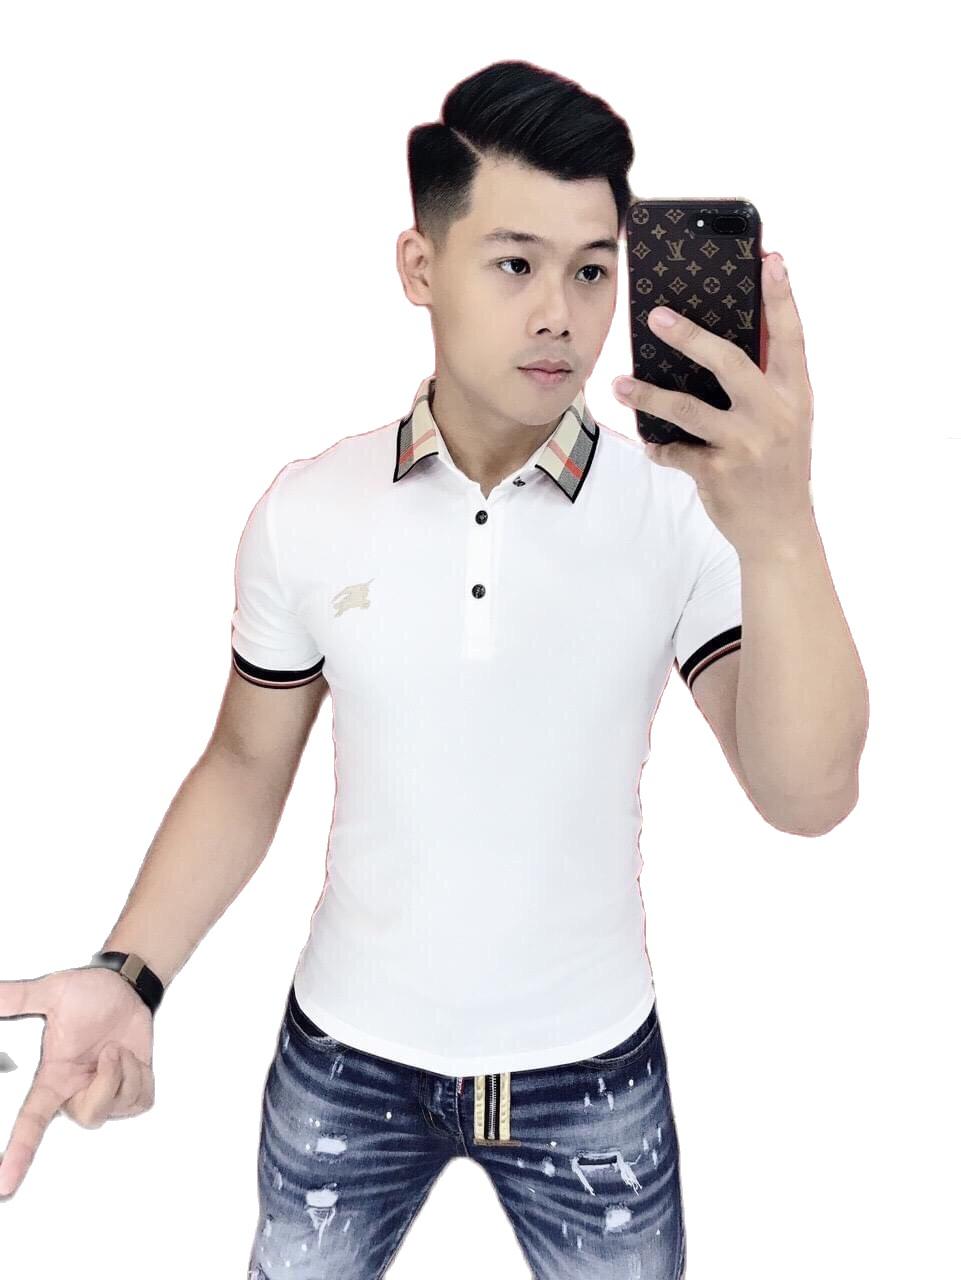 Áo thun nam cổ bẻ cao cấp vải cotton siêu co dãn hàng chuẩn shop ( ảnh thật shop tự chụp ) kkk1